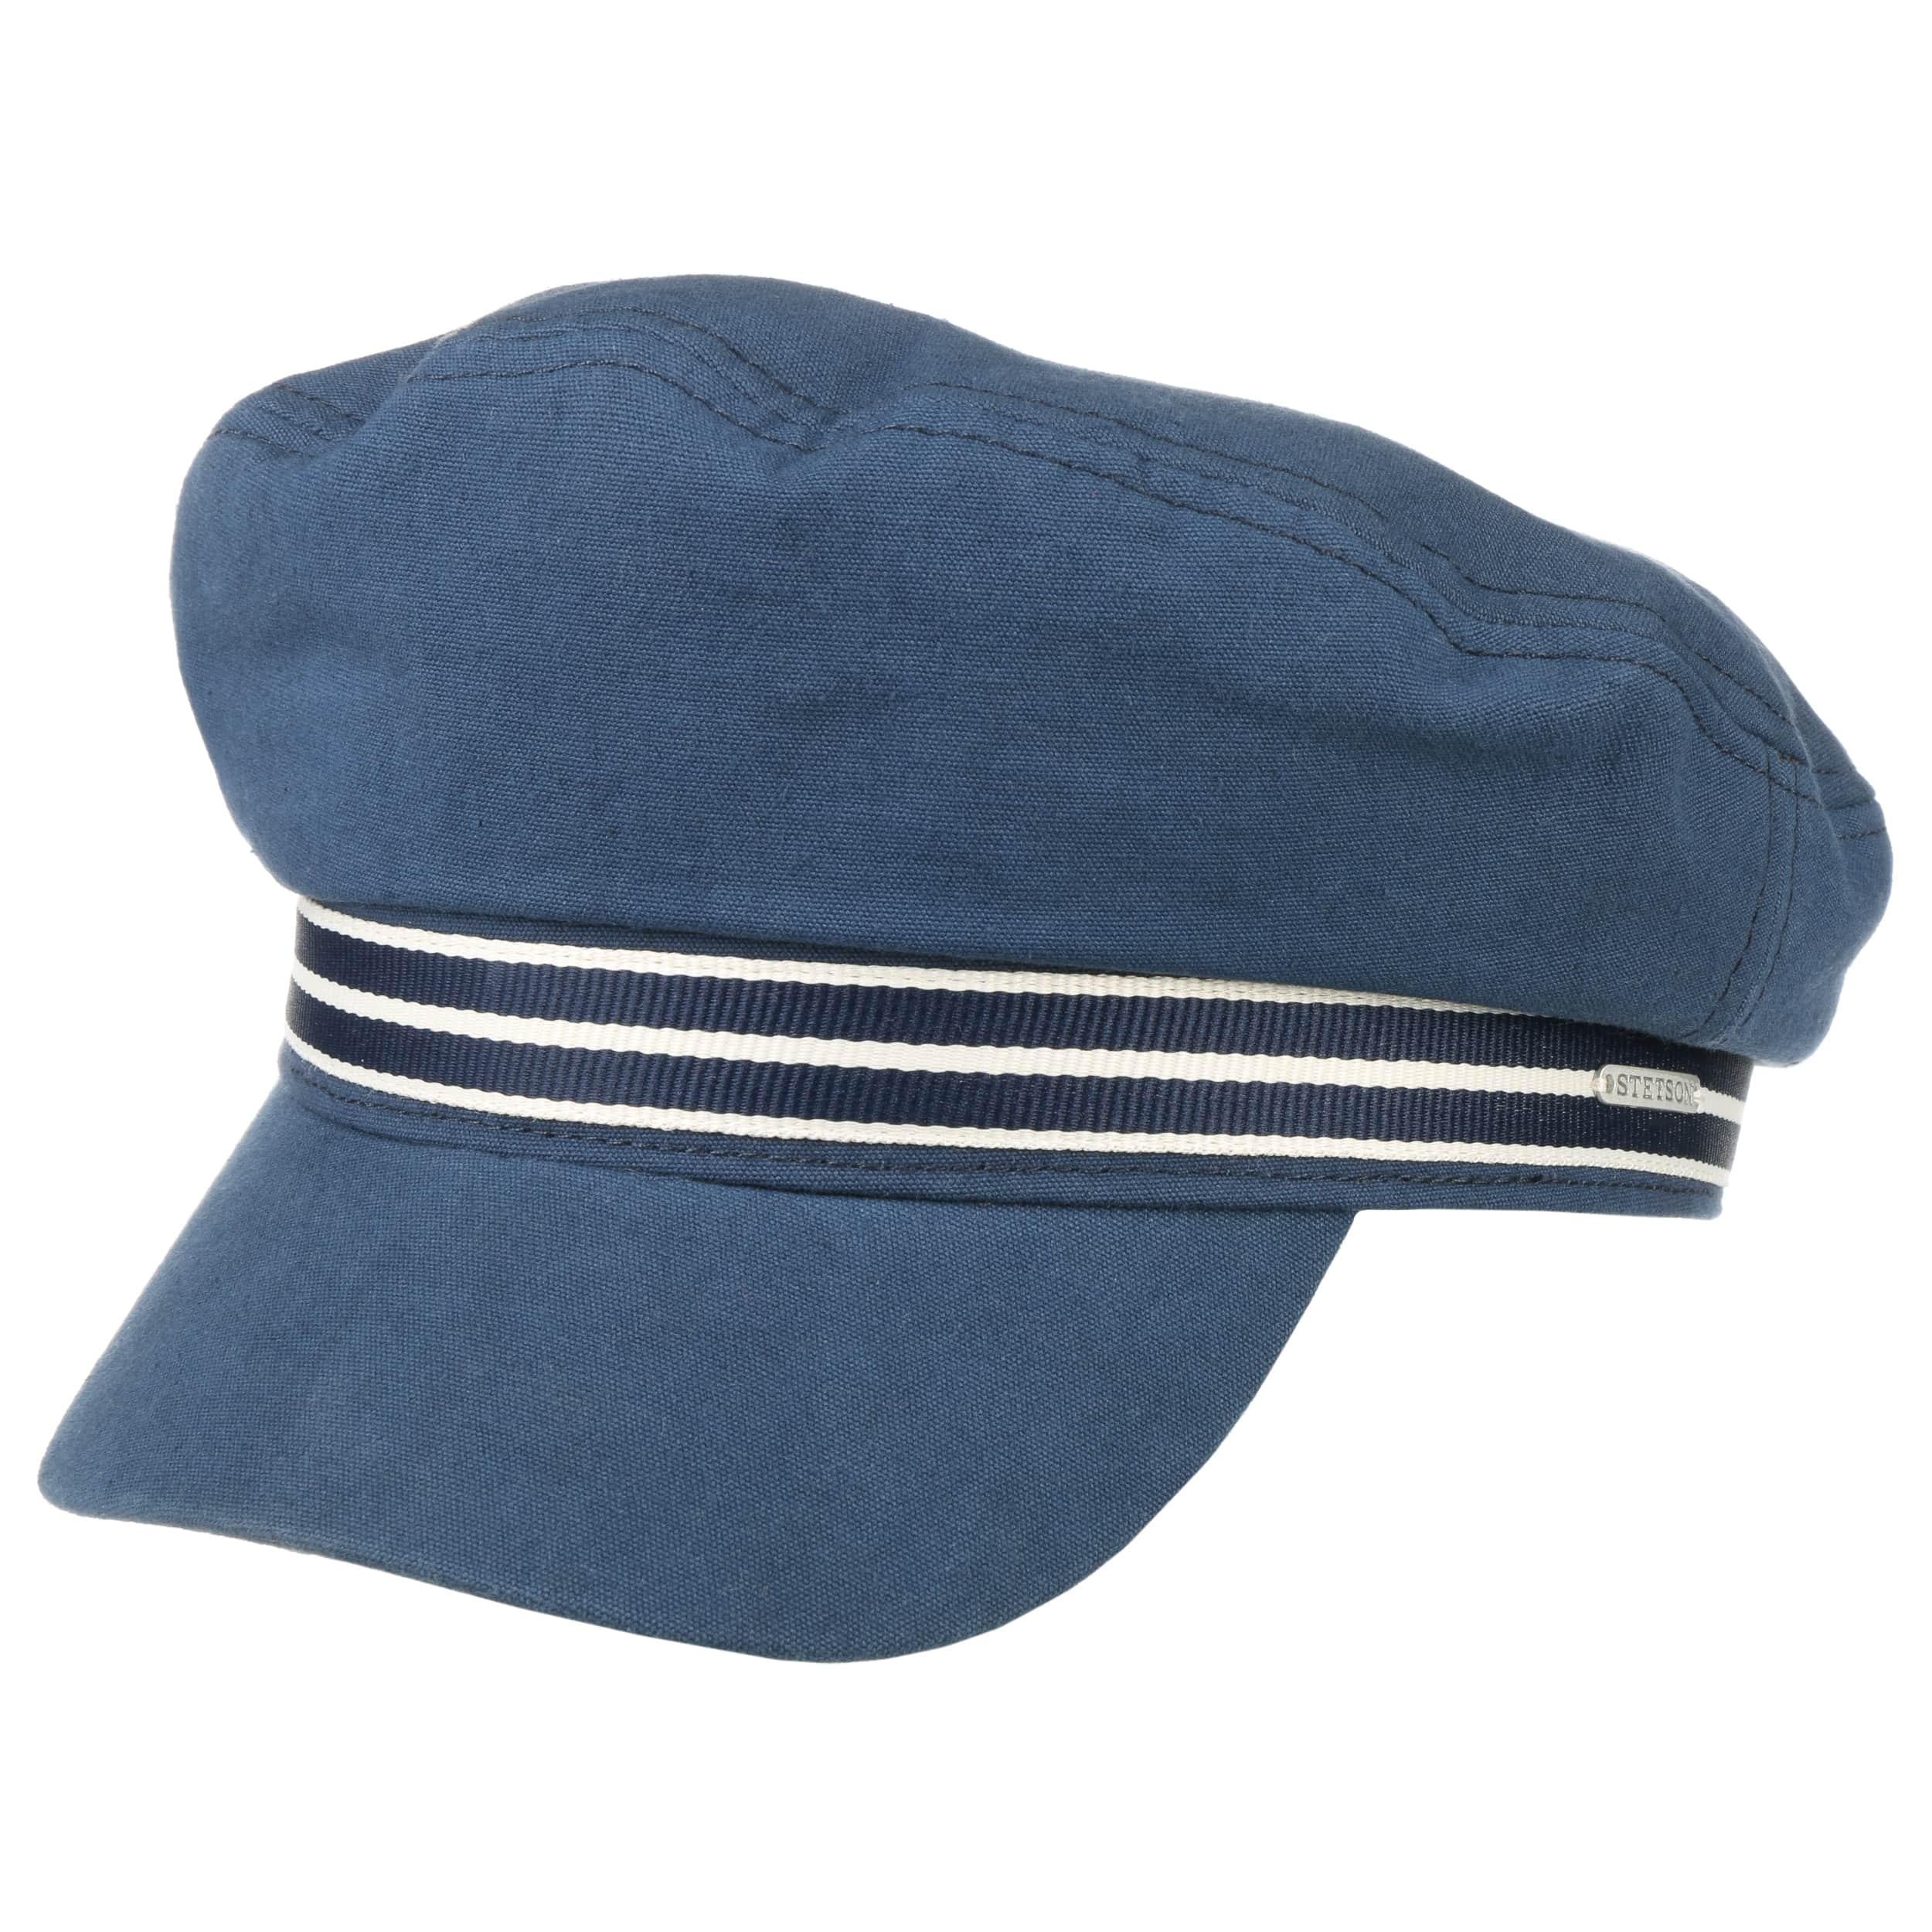 ... Berretto Marinaio Canvas Fisherman by Stetson - blu scuro 5 387541ea2fb4